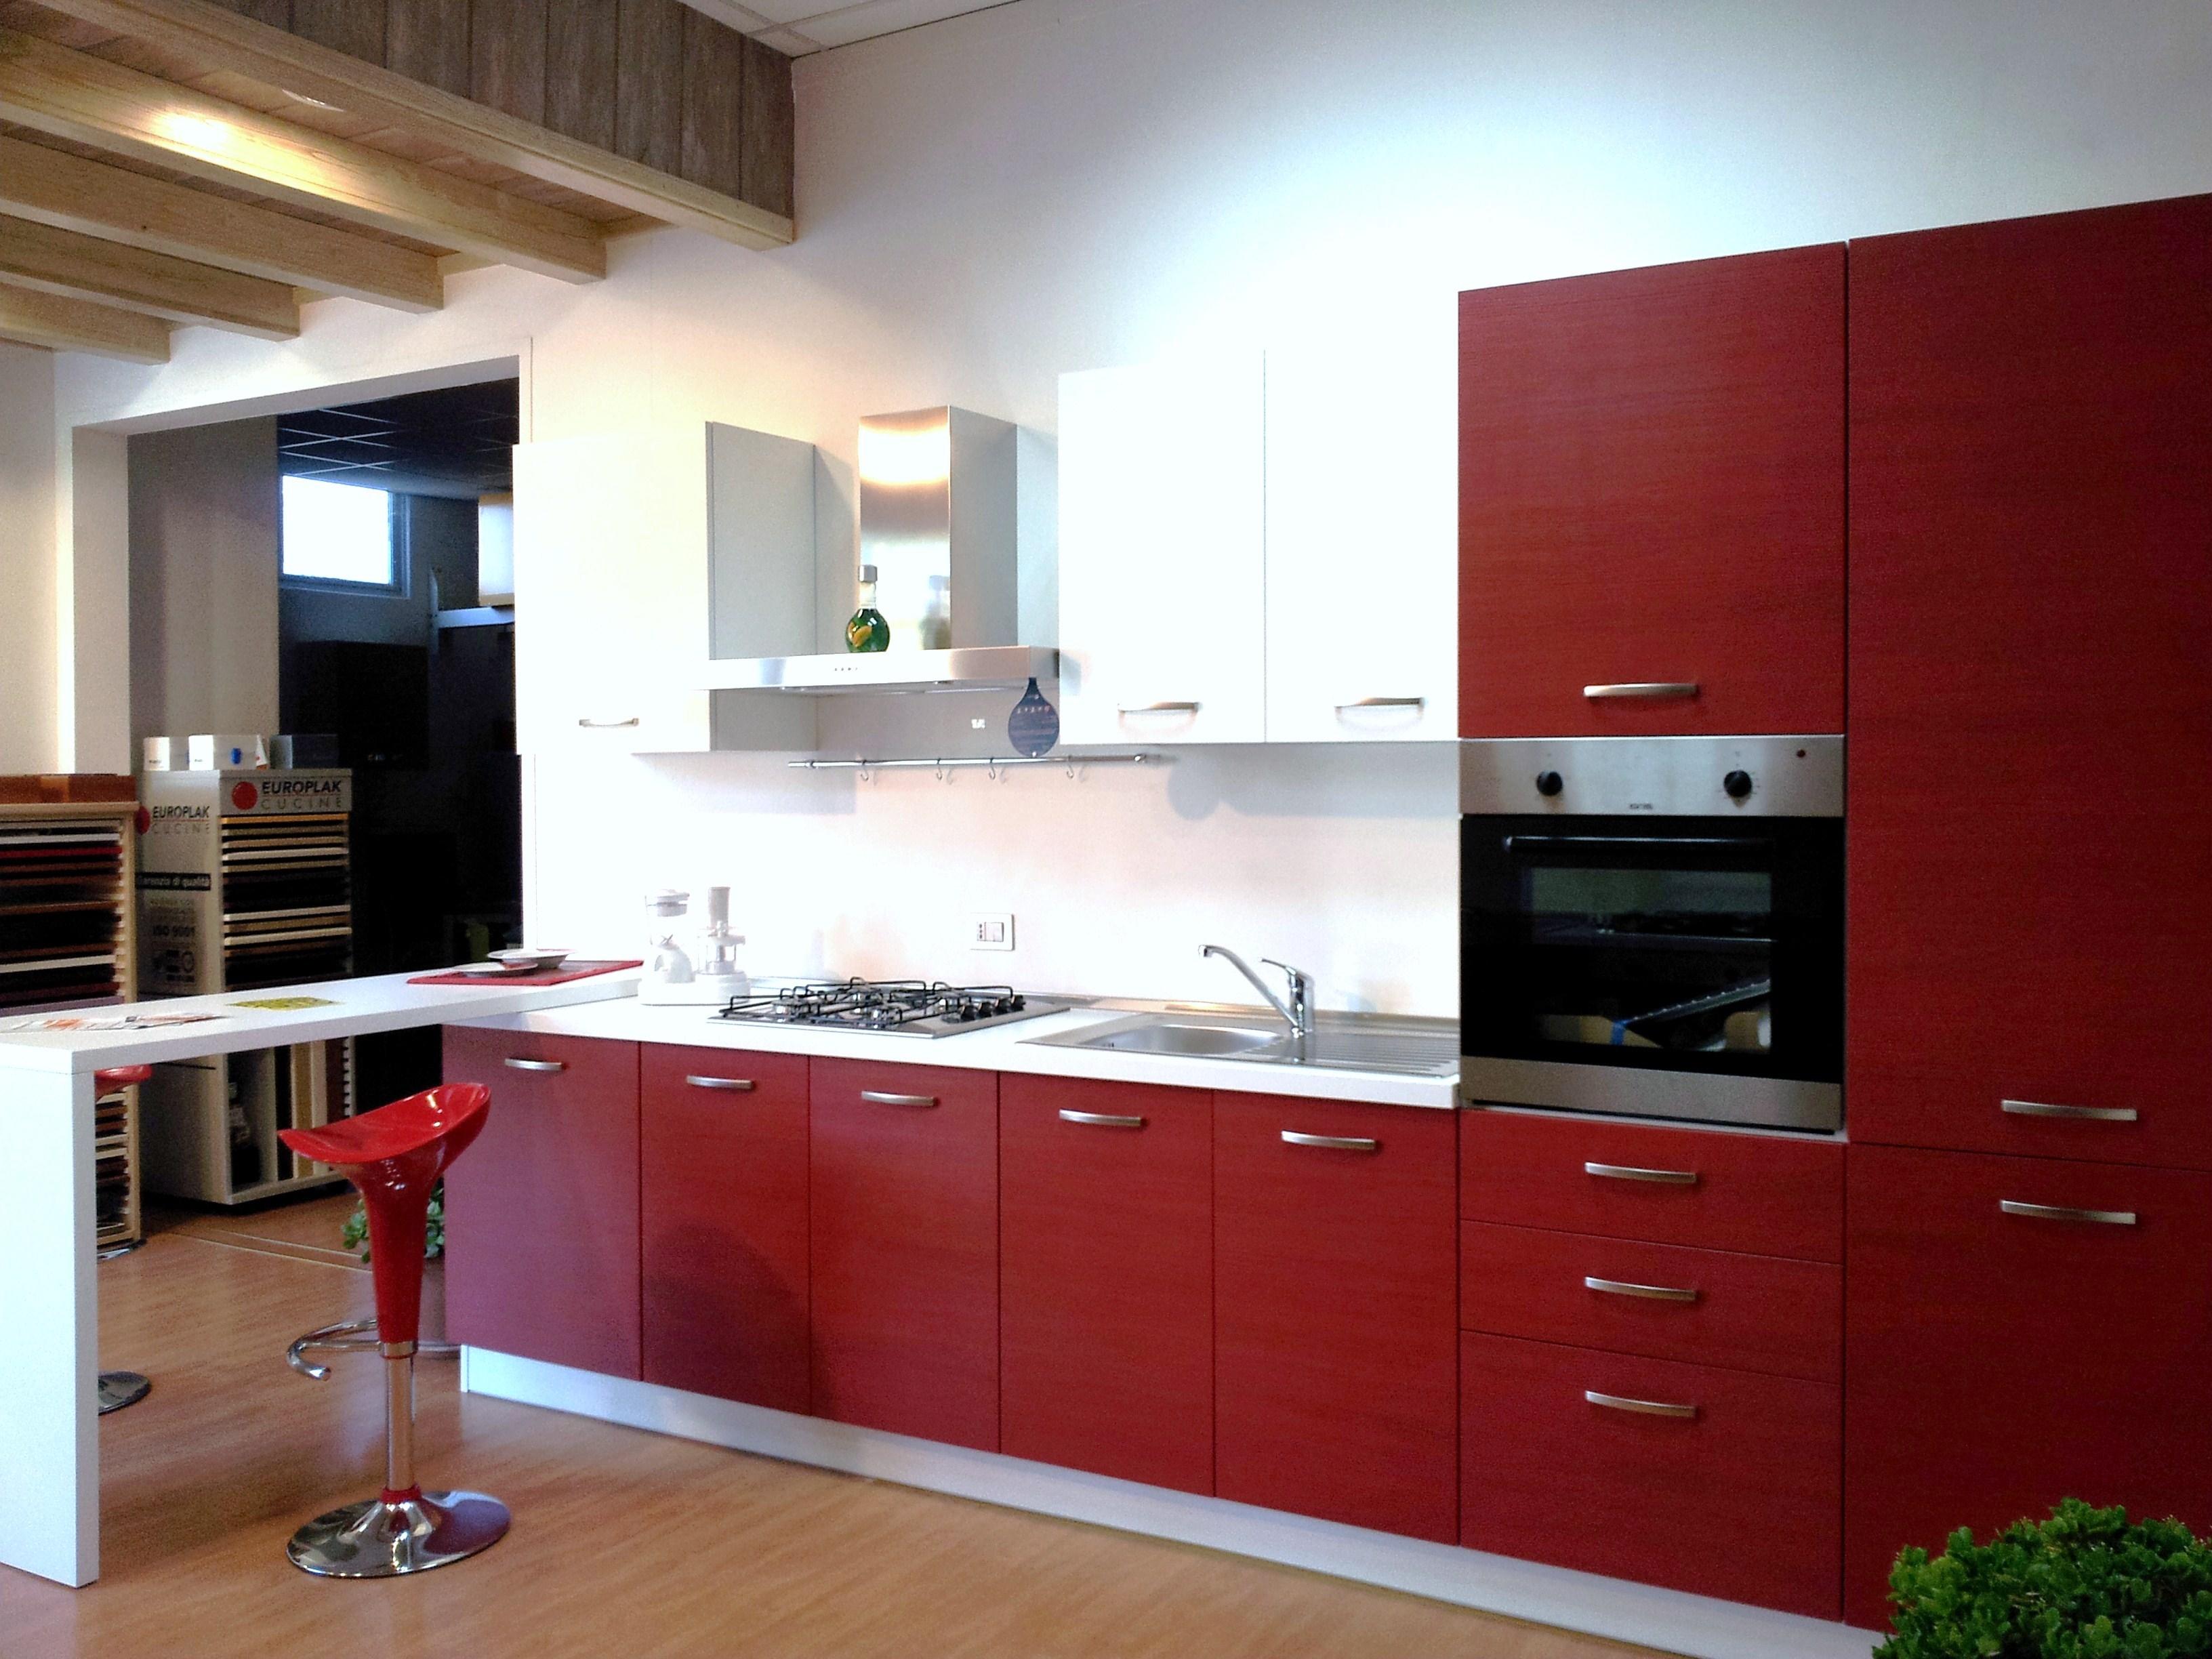 Cucina moderna con penisola cucine a prezzi scontati - Cucine in muratura con penisola ...